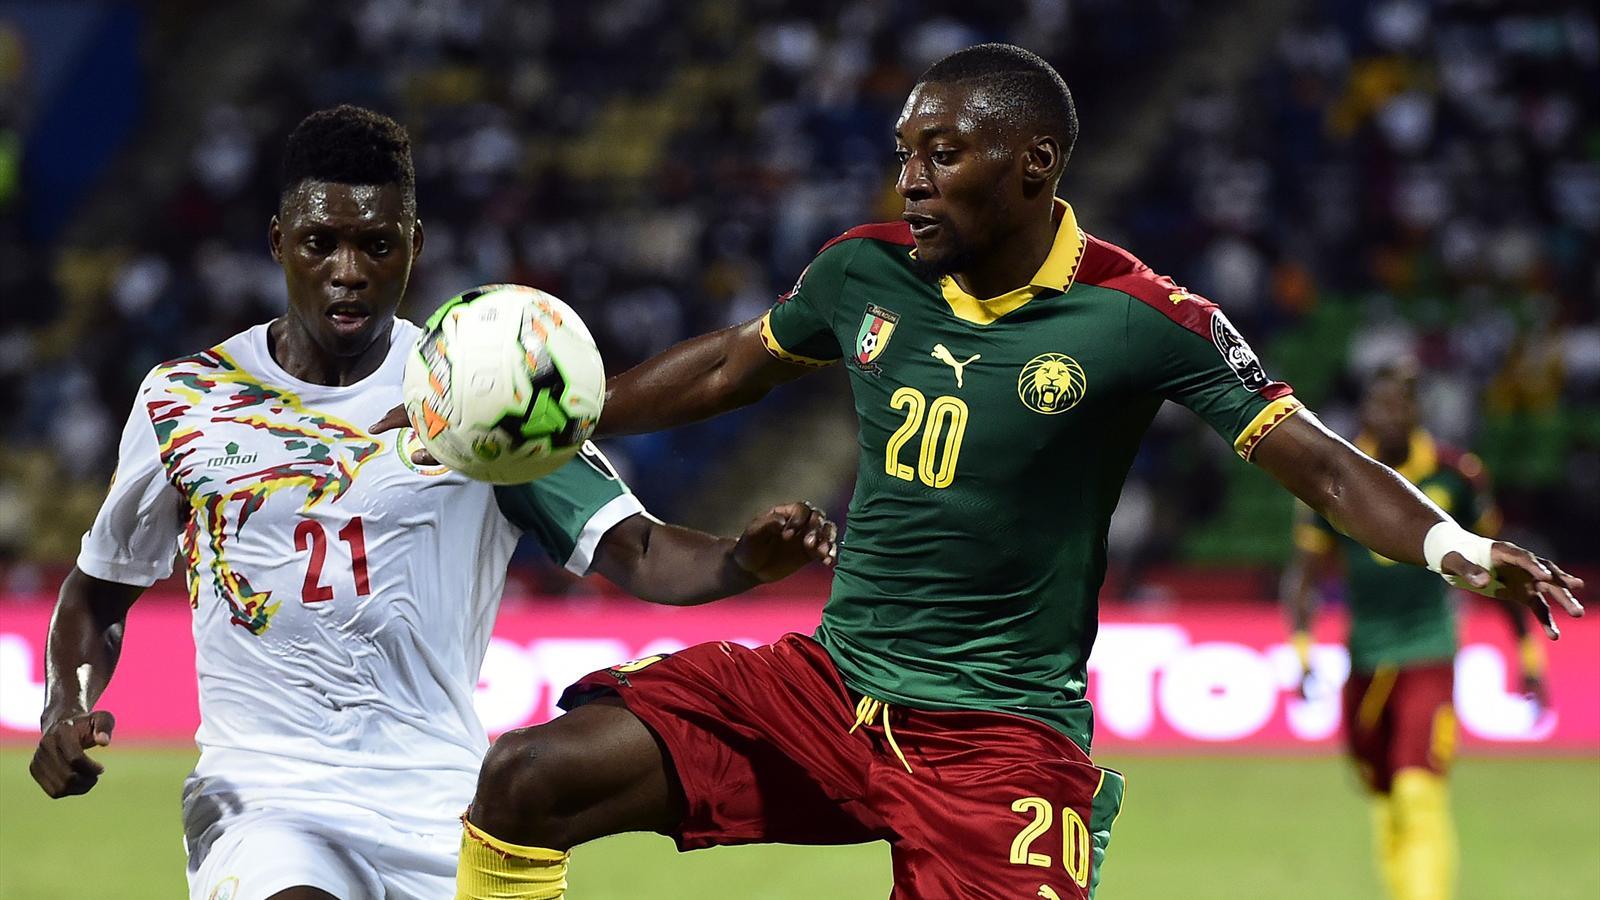 En direct live s n gal cameroun coupe d 39 afrique des nations 28 janvier 2017 eurosport - Resultat foot coupe d afrique ...